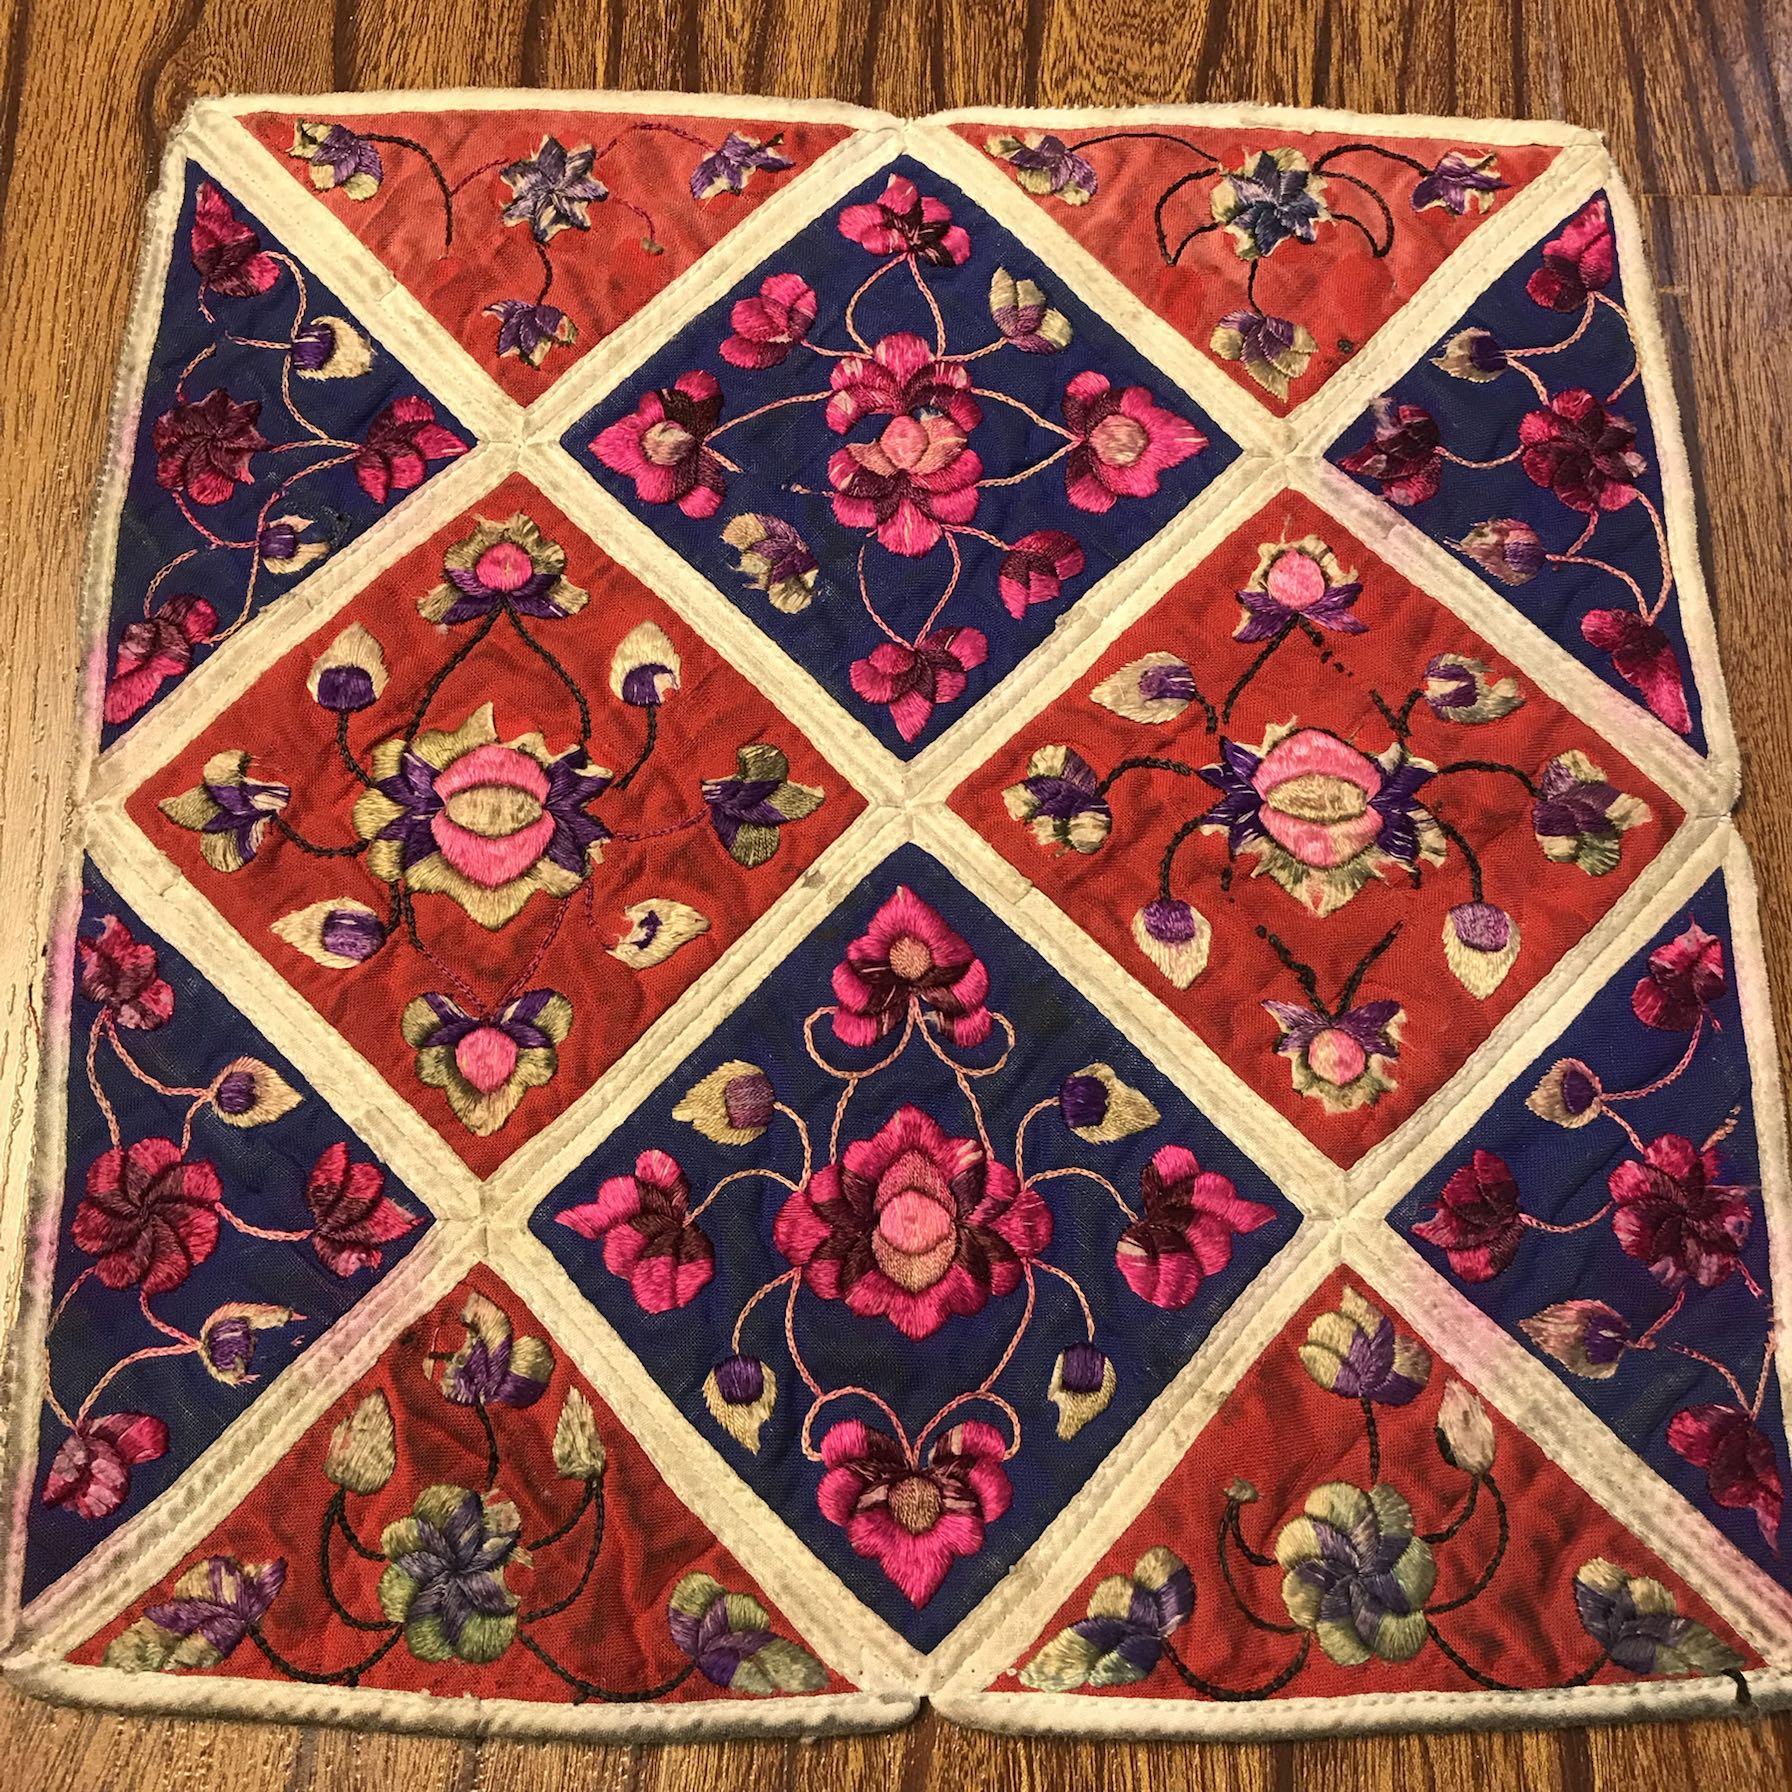 手工老绣加工包包衣服 好重新利用的老绣加工原料绣片 刺绣绣花